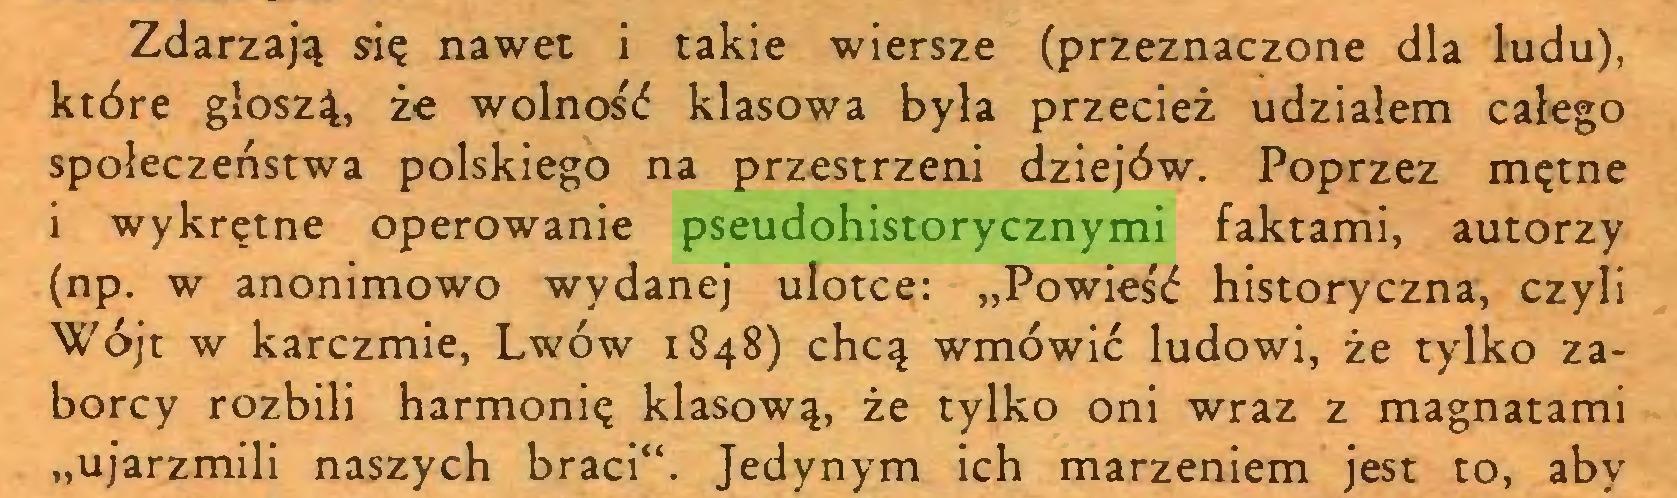 """(...) Zdarzają się nawet i takie wiersze (przeznaczone dla ludu), które głoszą, że wolność klasowa była przecież udziałem całego społeczeństwa polskiego na przestrzeni dziejów. Poprzez mętne i wykrętne operowanie pseudohistorycznymi faktami, autorzy (np. w anonimowo wydanej ulotce: """"Powieść historyczna, czyli Wójt w karczmie, Lwów 1848) chcą wmówić ludowi, że tylko zaborcy rozbili harmonię klasową, że tylko oni wraz z magnatami """"ujarzmili naszych braci"""". Jedynym ich marzeniem jest to, aby..."""